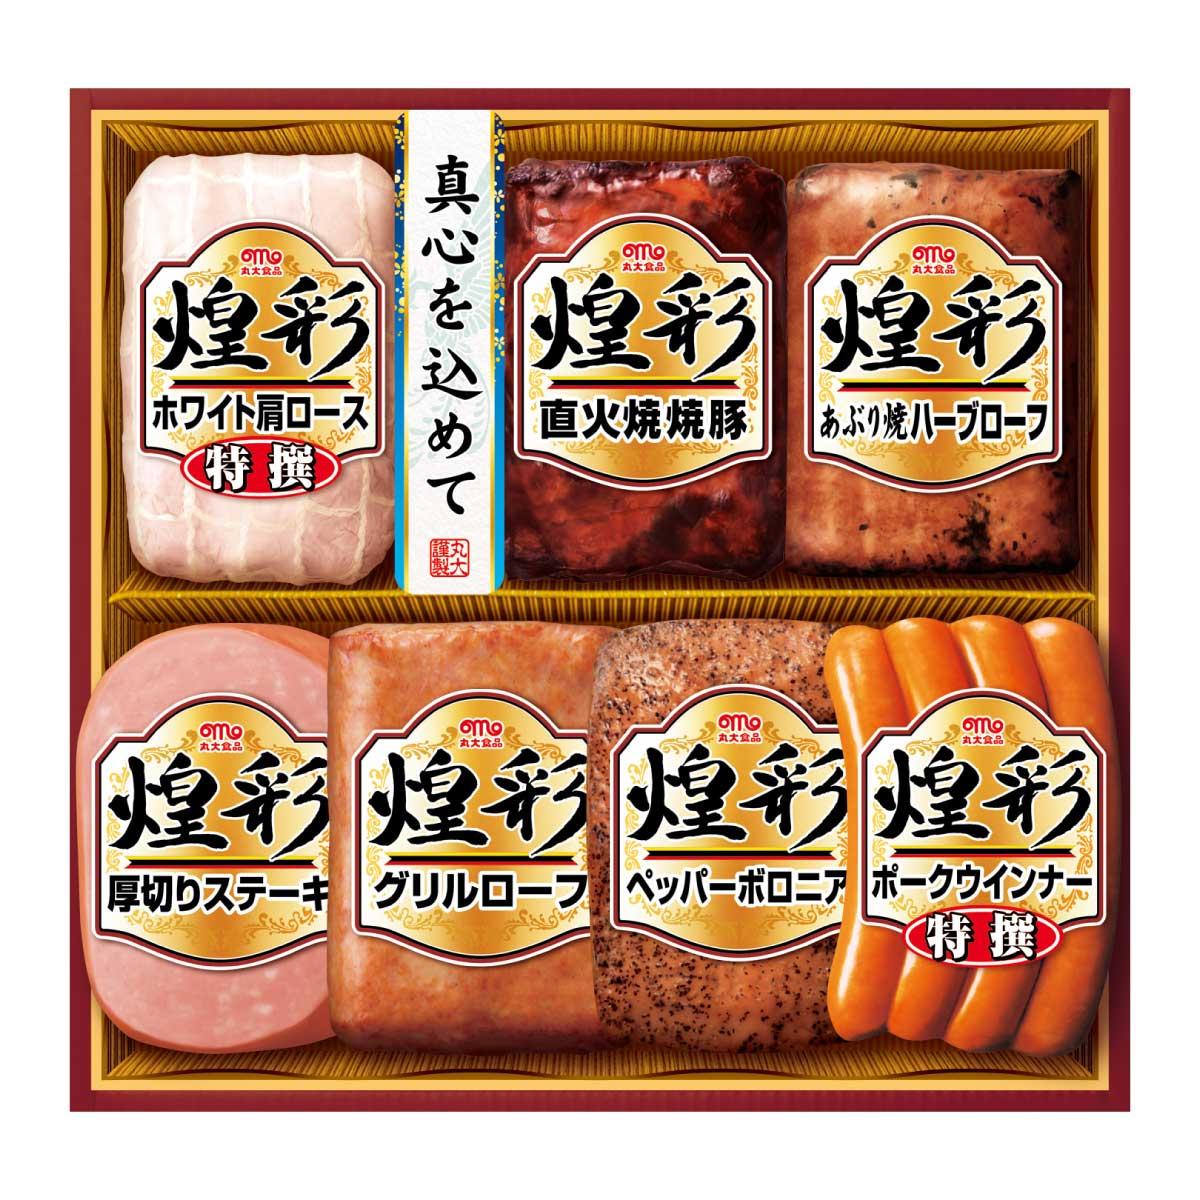 【送料無料】申込番号139* 丸大食品 煌彩ギフト<MV-507>【お中元】【御中元】【夏ギフト】